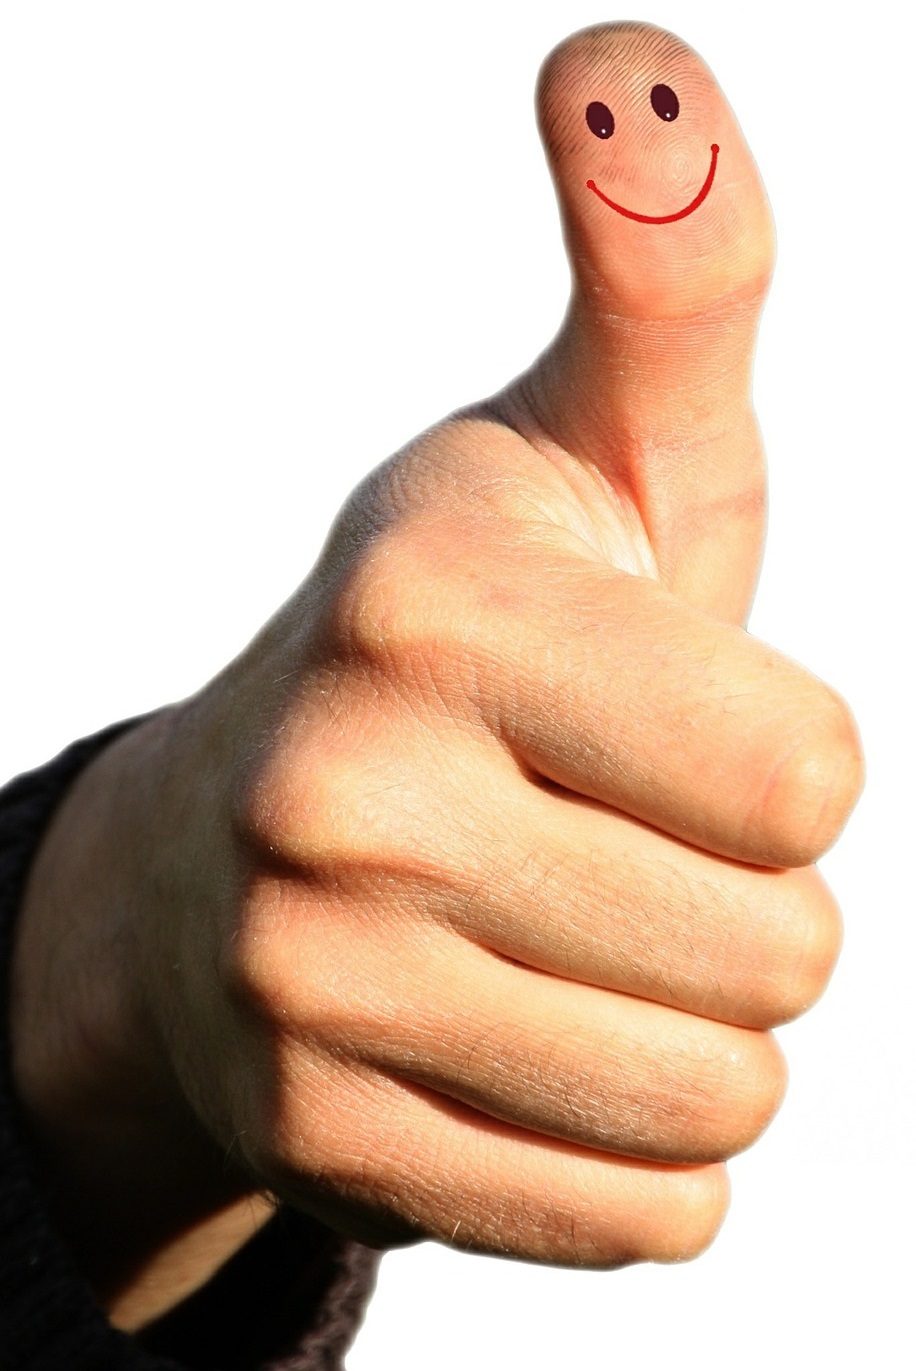 werteorientiertes-verkaufen-kompetenzen-ulrike-knauer-verkauf-vertrieb-verkaufsseminar-verkaufstraining-muenchen-zufriedenheit-spitzenverkaeufer-daumen-hoch